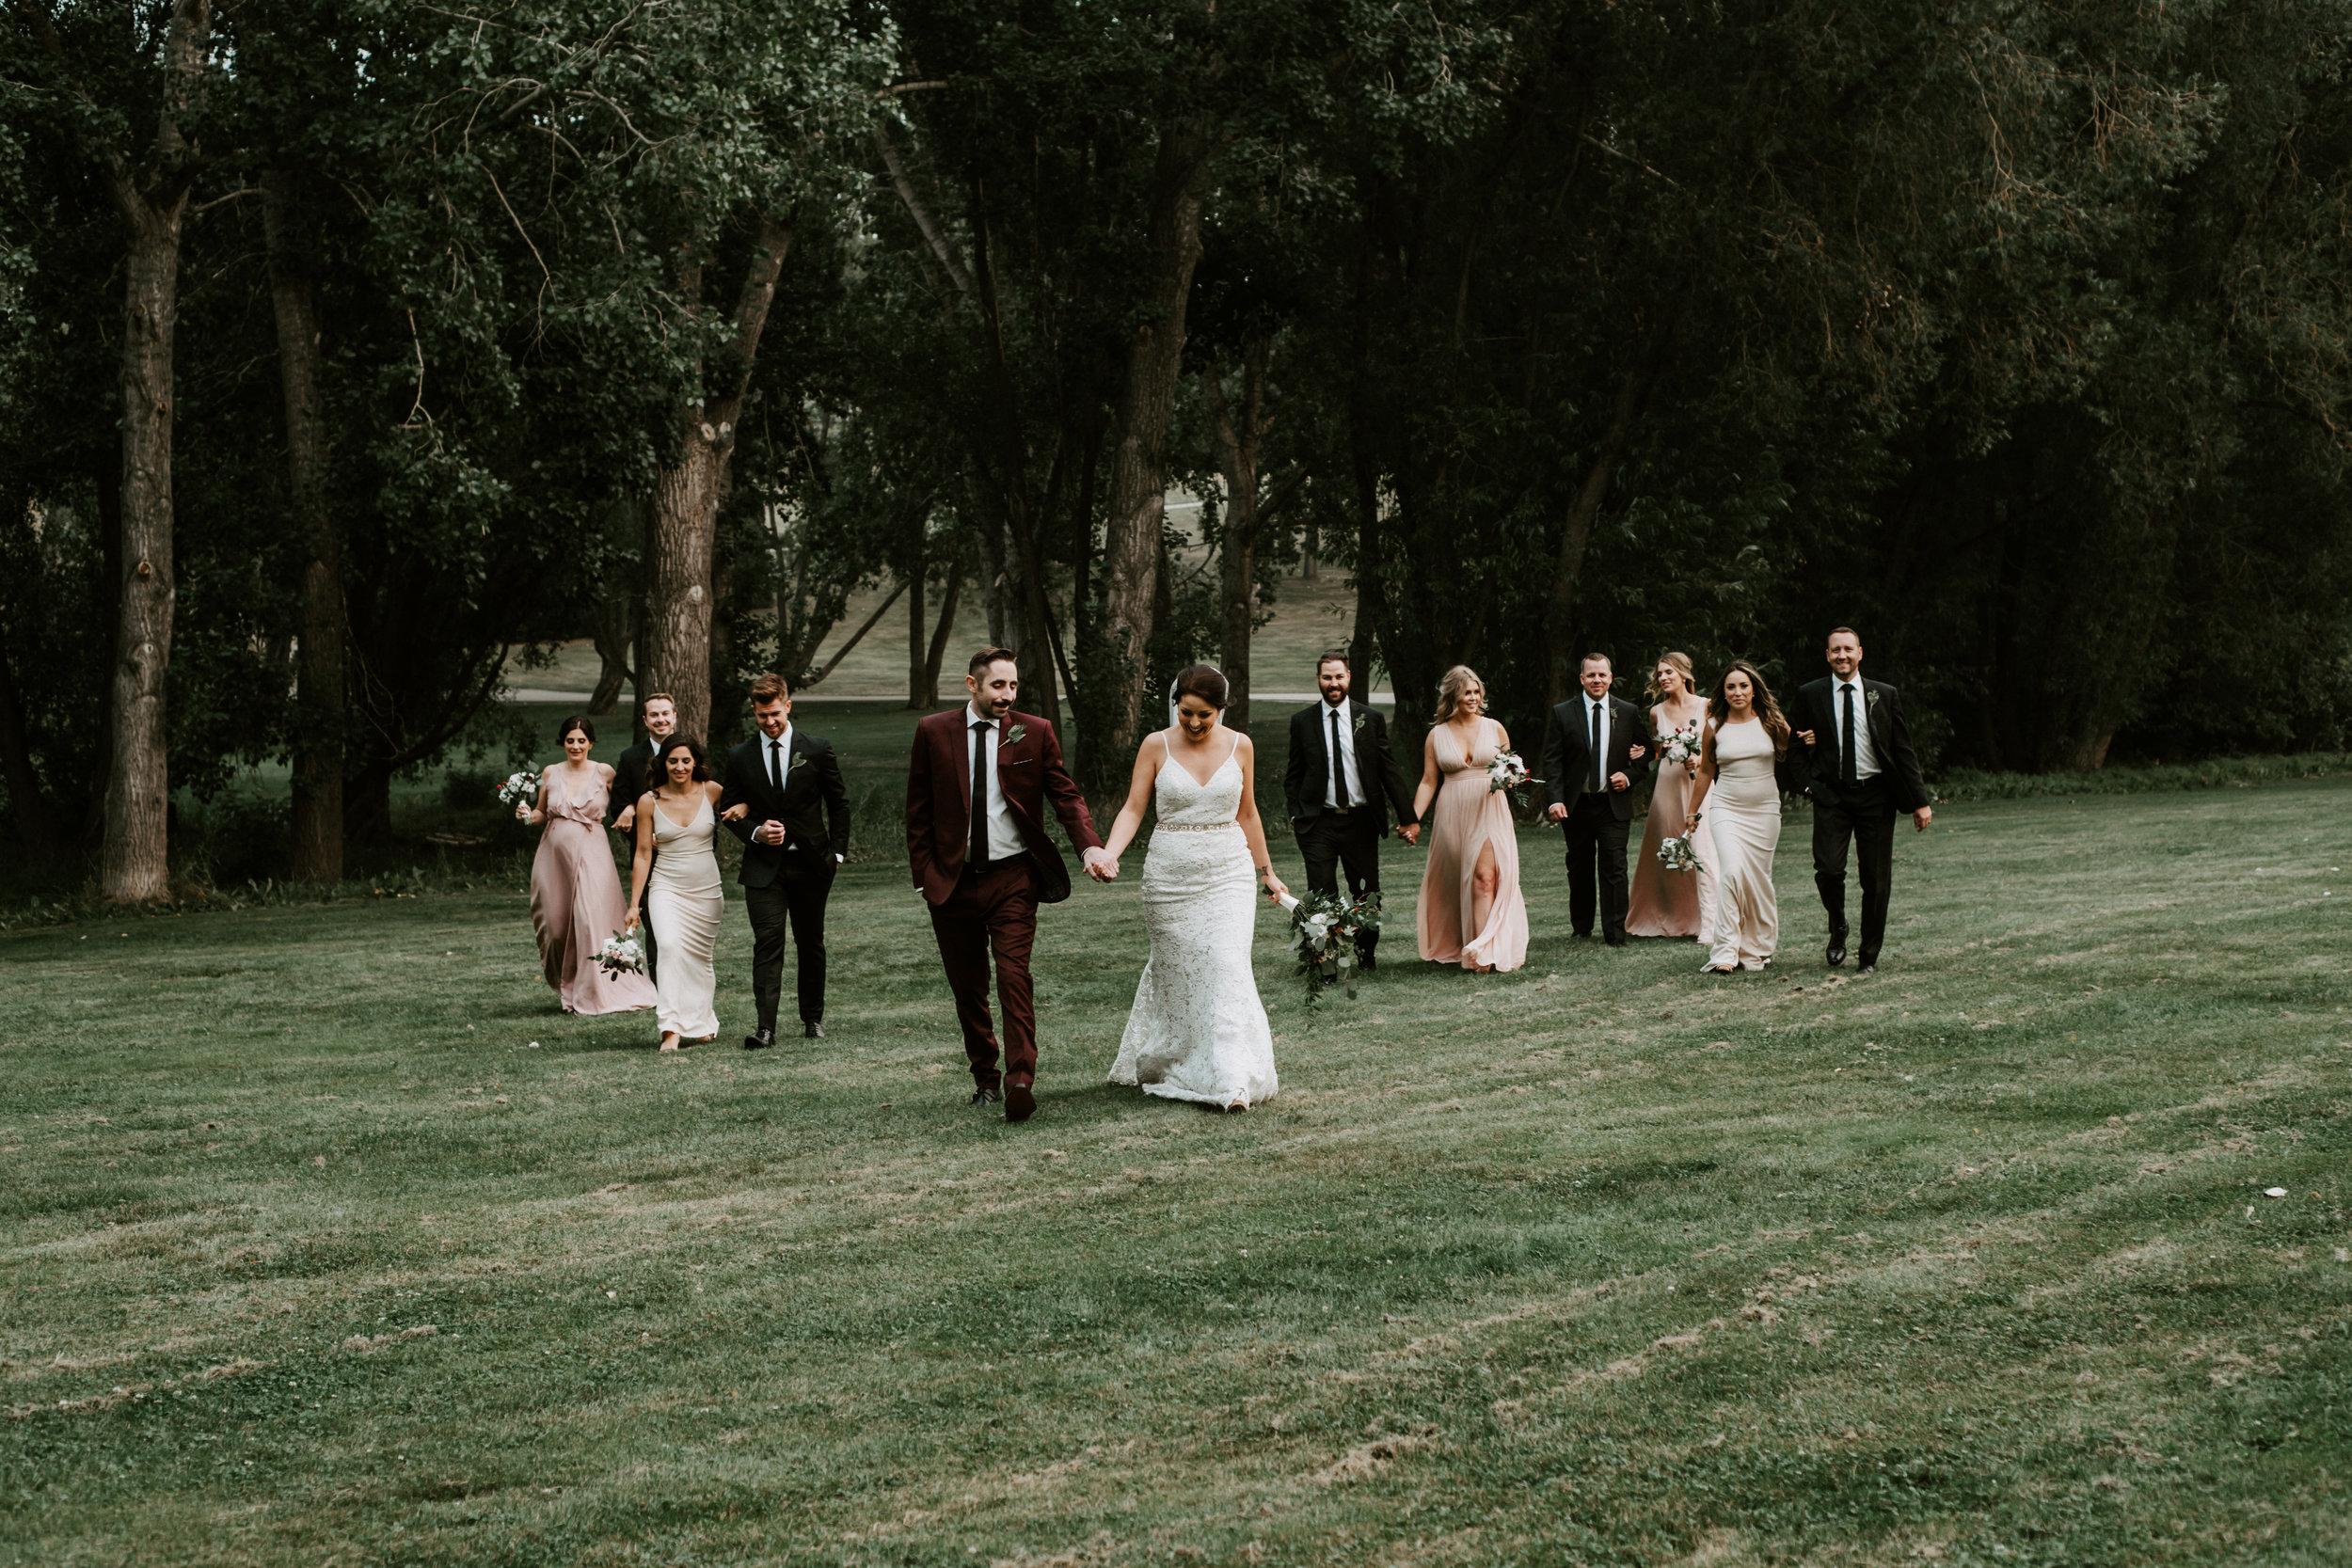 Calgary Wedding Photographer - 54 of 84.jpg